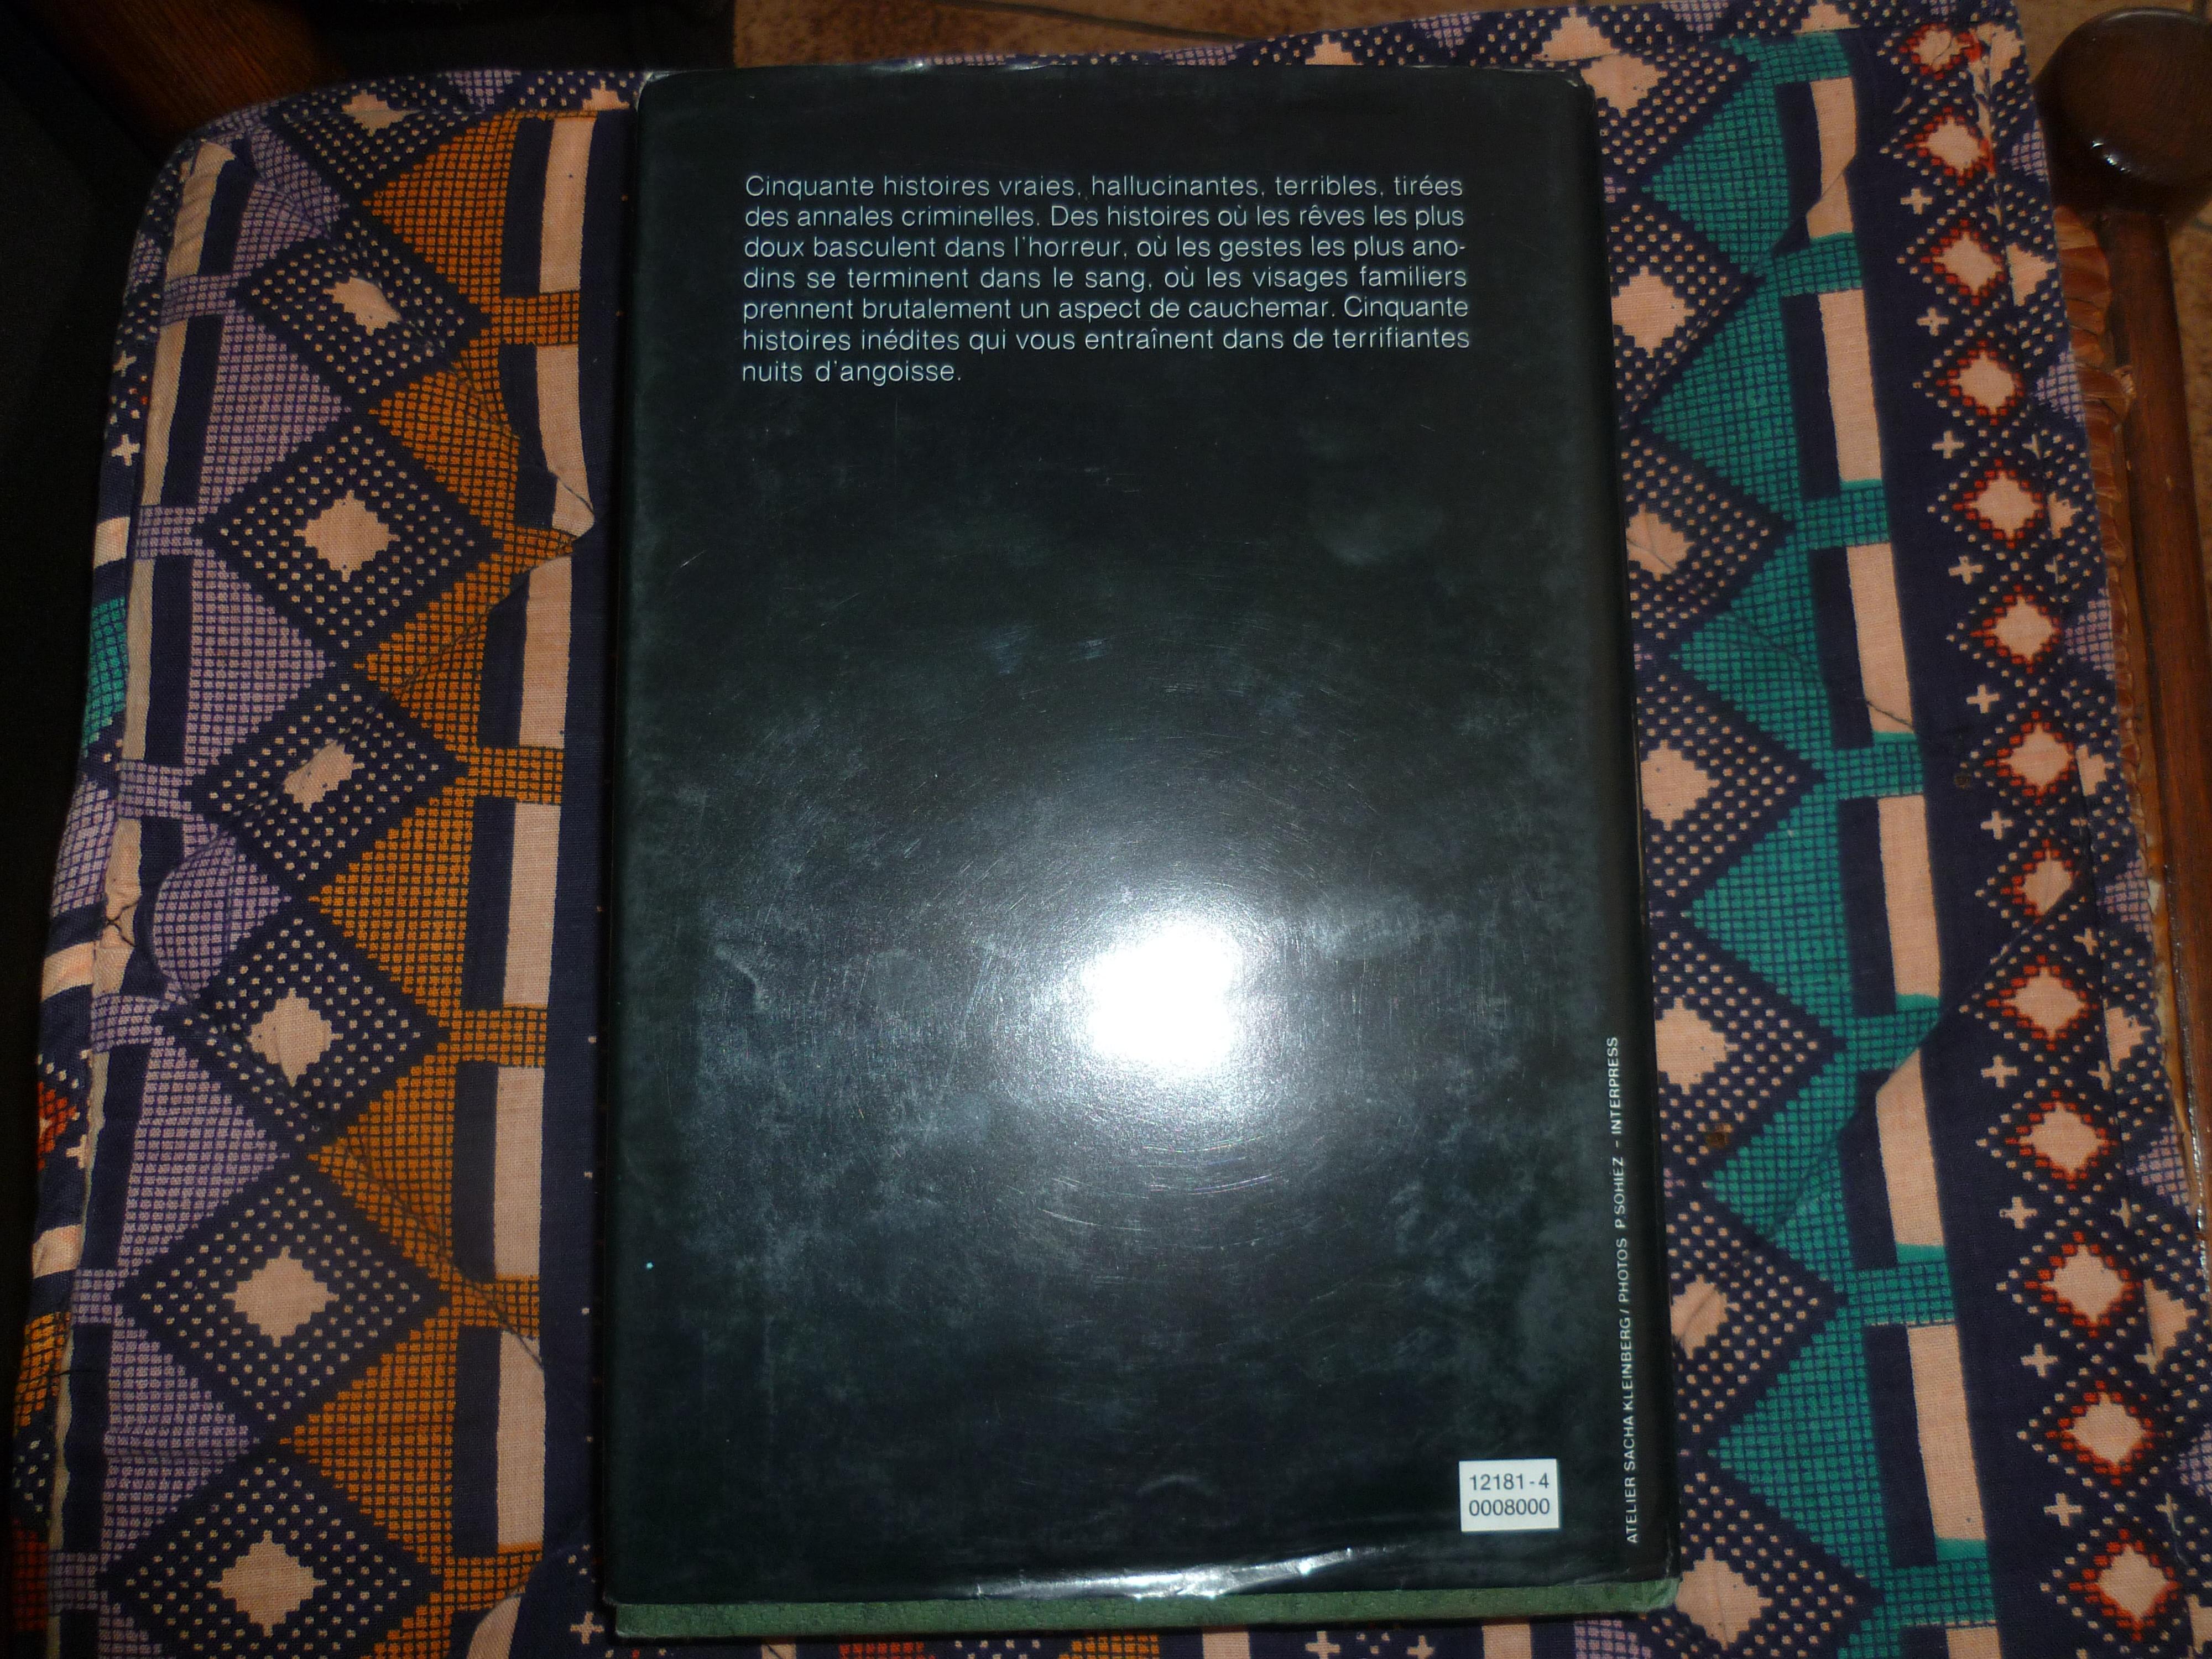 troc de troc reserve - nuits d'angoisse - pierre bellemare image 1